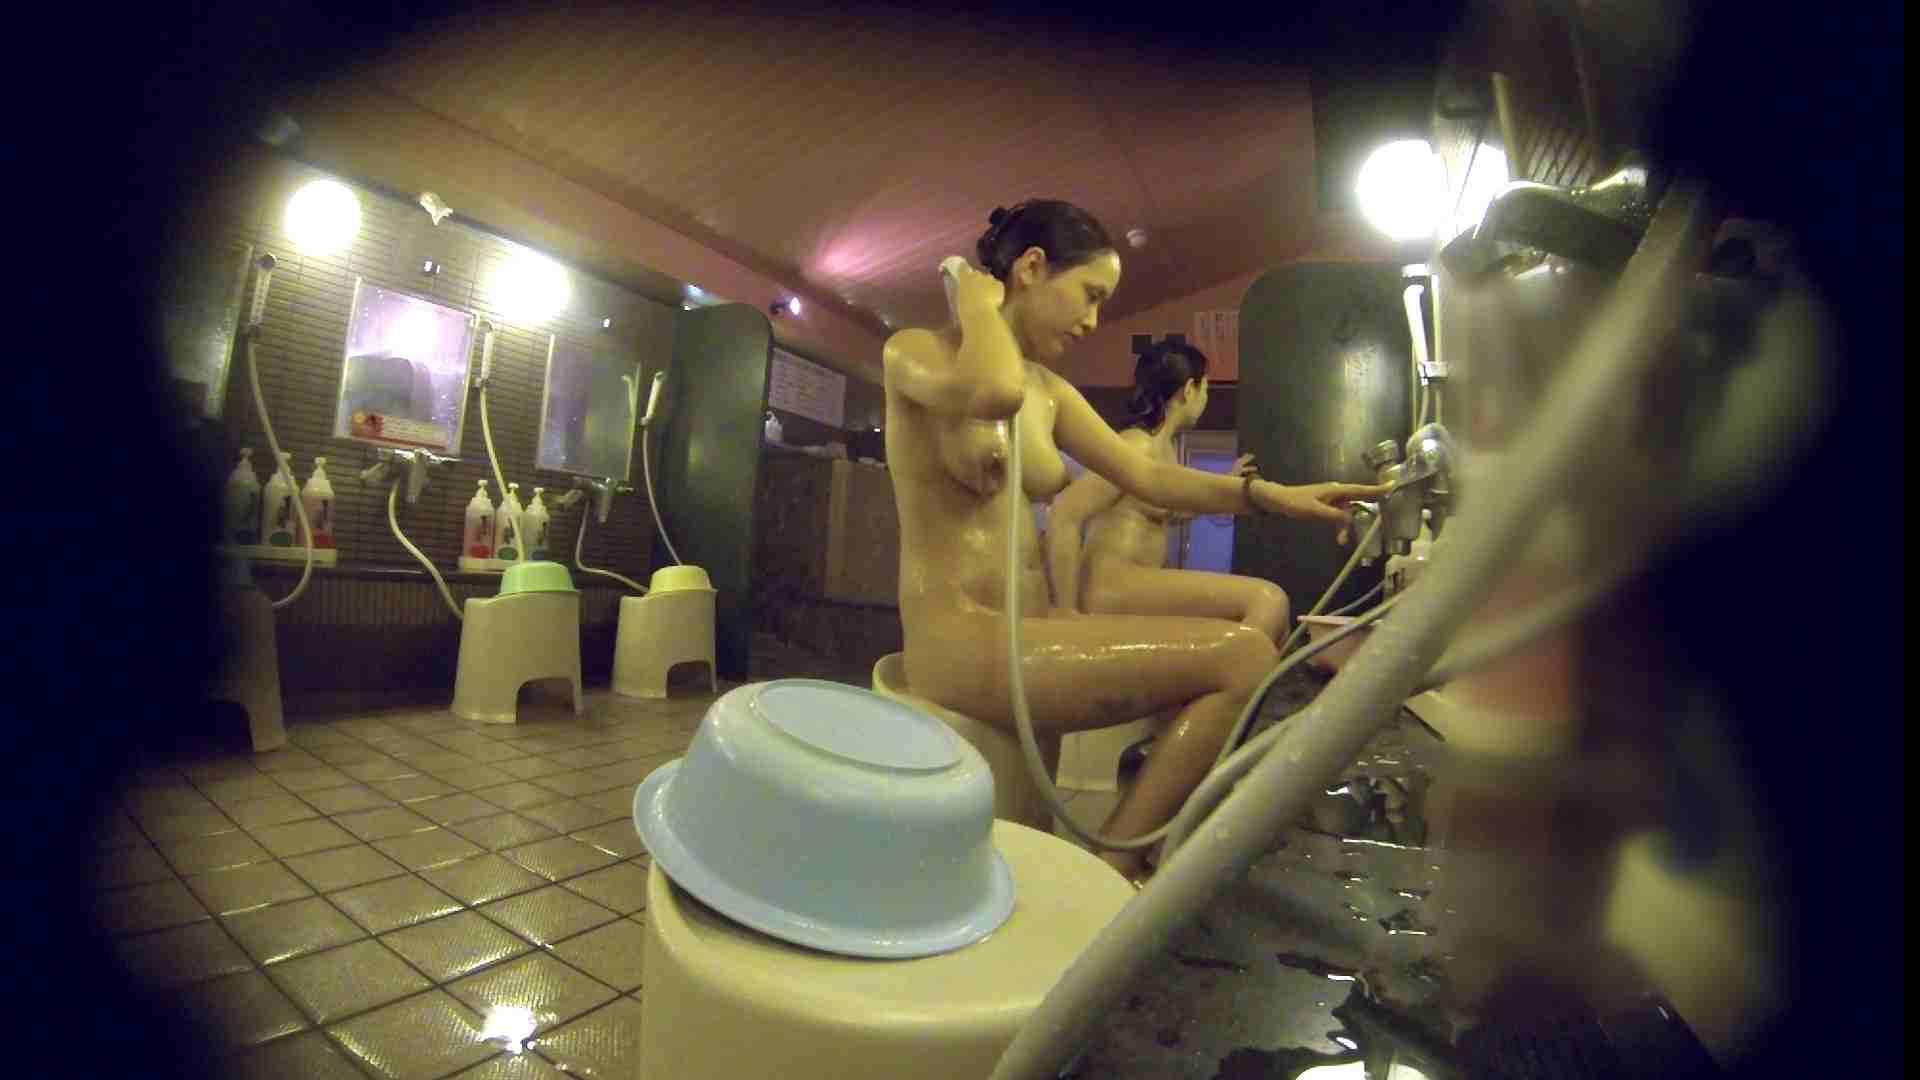 洗い場!スタイル抜群で柔らかそうに揺れるオッパイ 女湯の中 アダルト動画キャプチャ 107画像 102